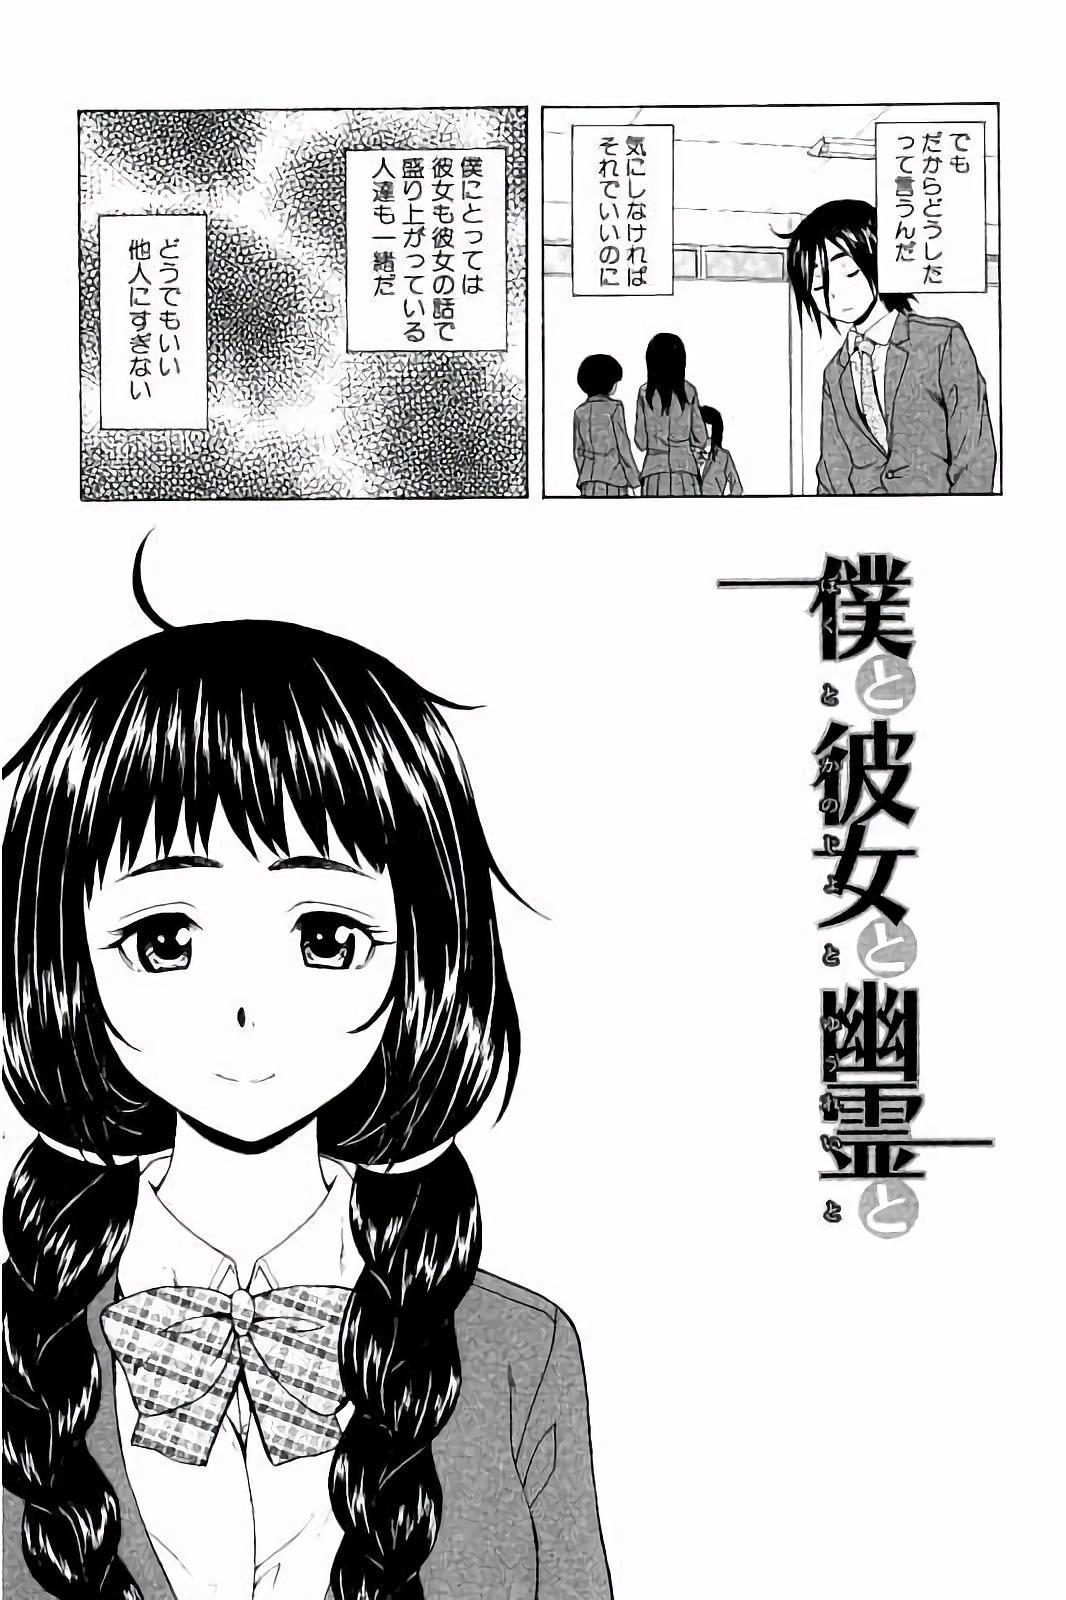 Ane no Himitsu To Boku no Jisatsu 6